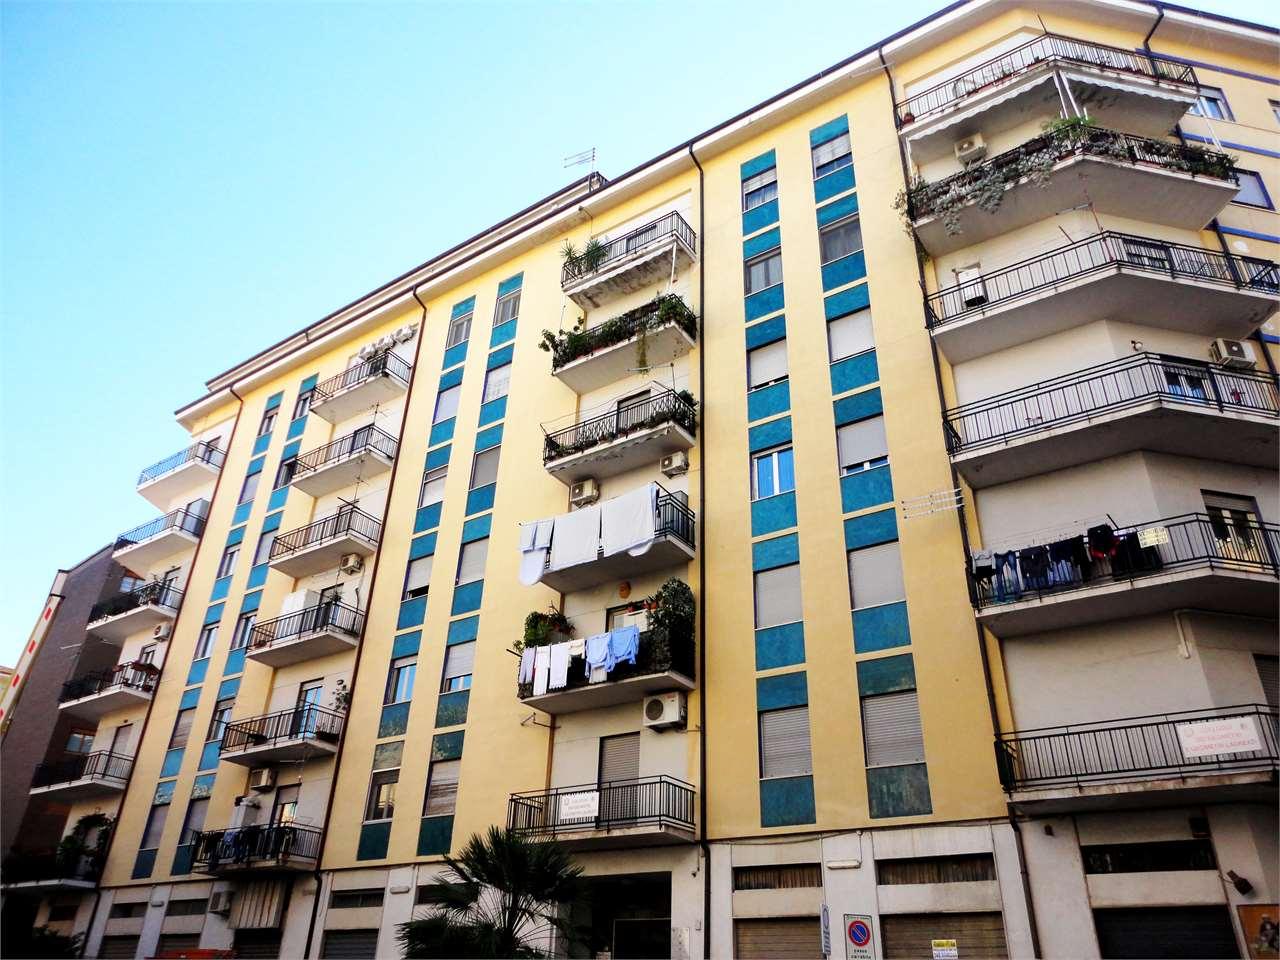 Appartamento in vendita a Cosenza, 9999 locali, zona Zona: Loreto, prezzo € 135.000 | Cambio Casa.it